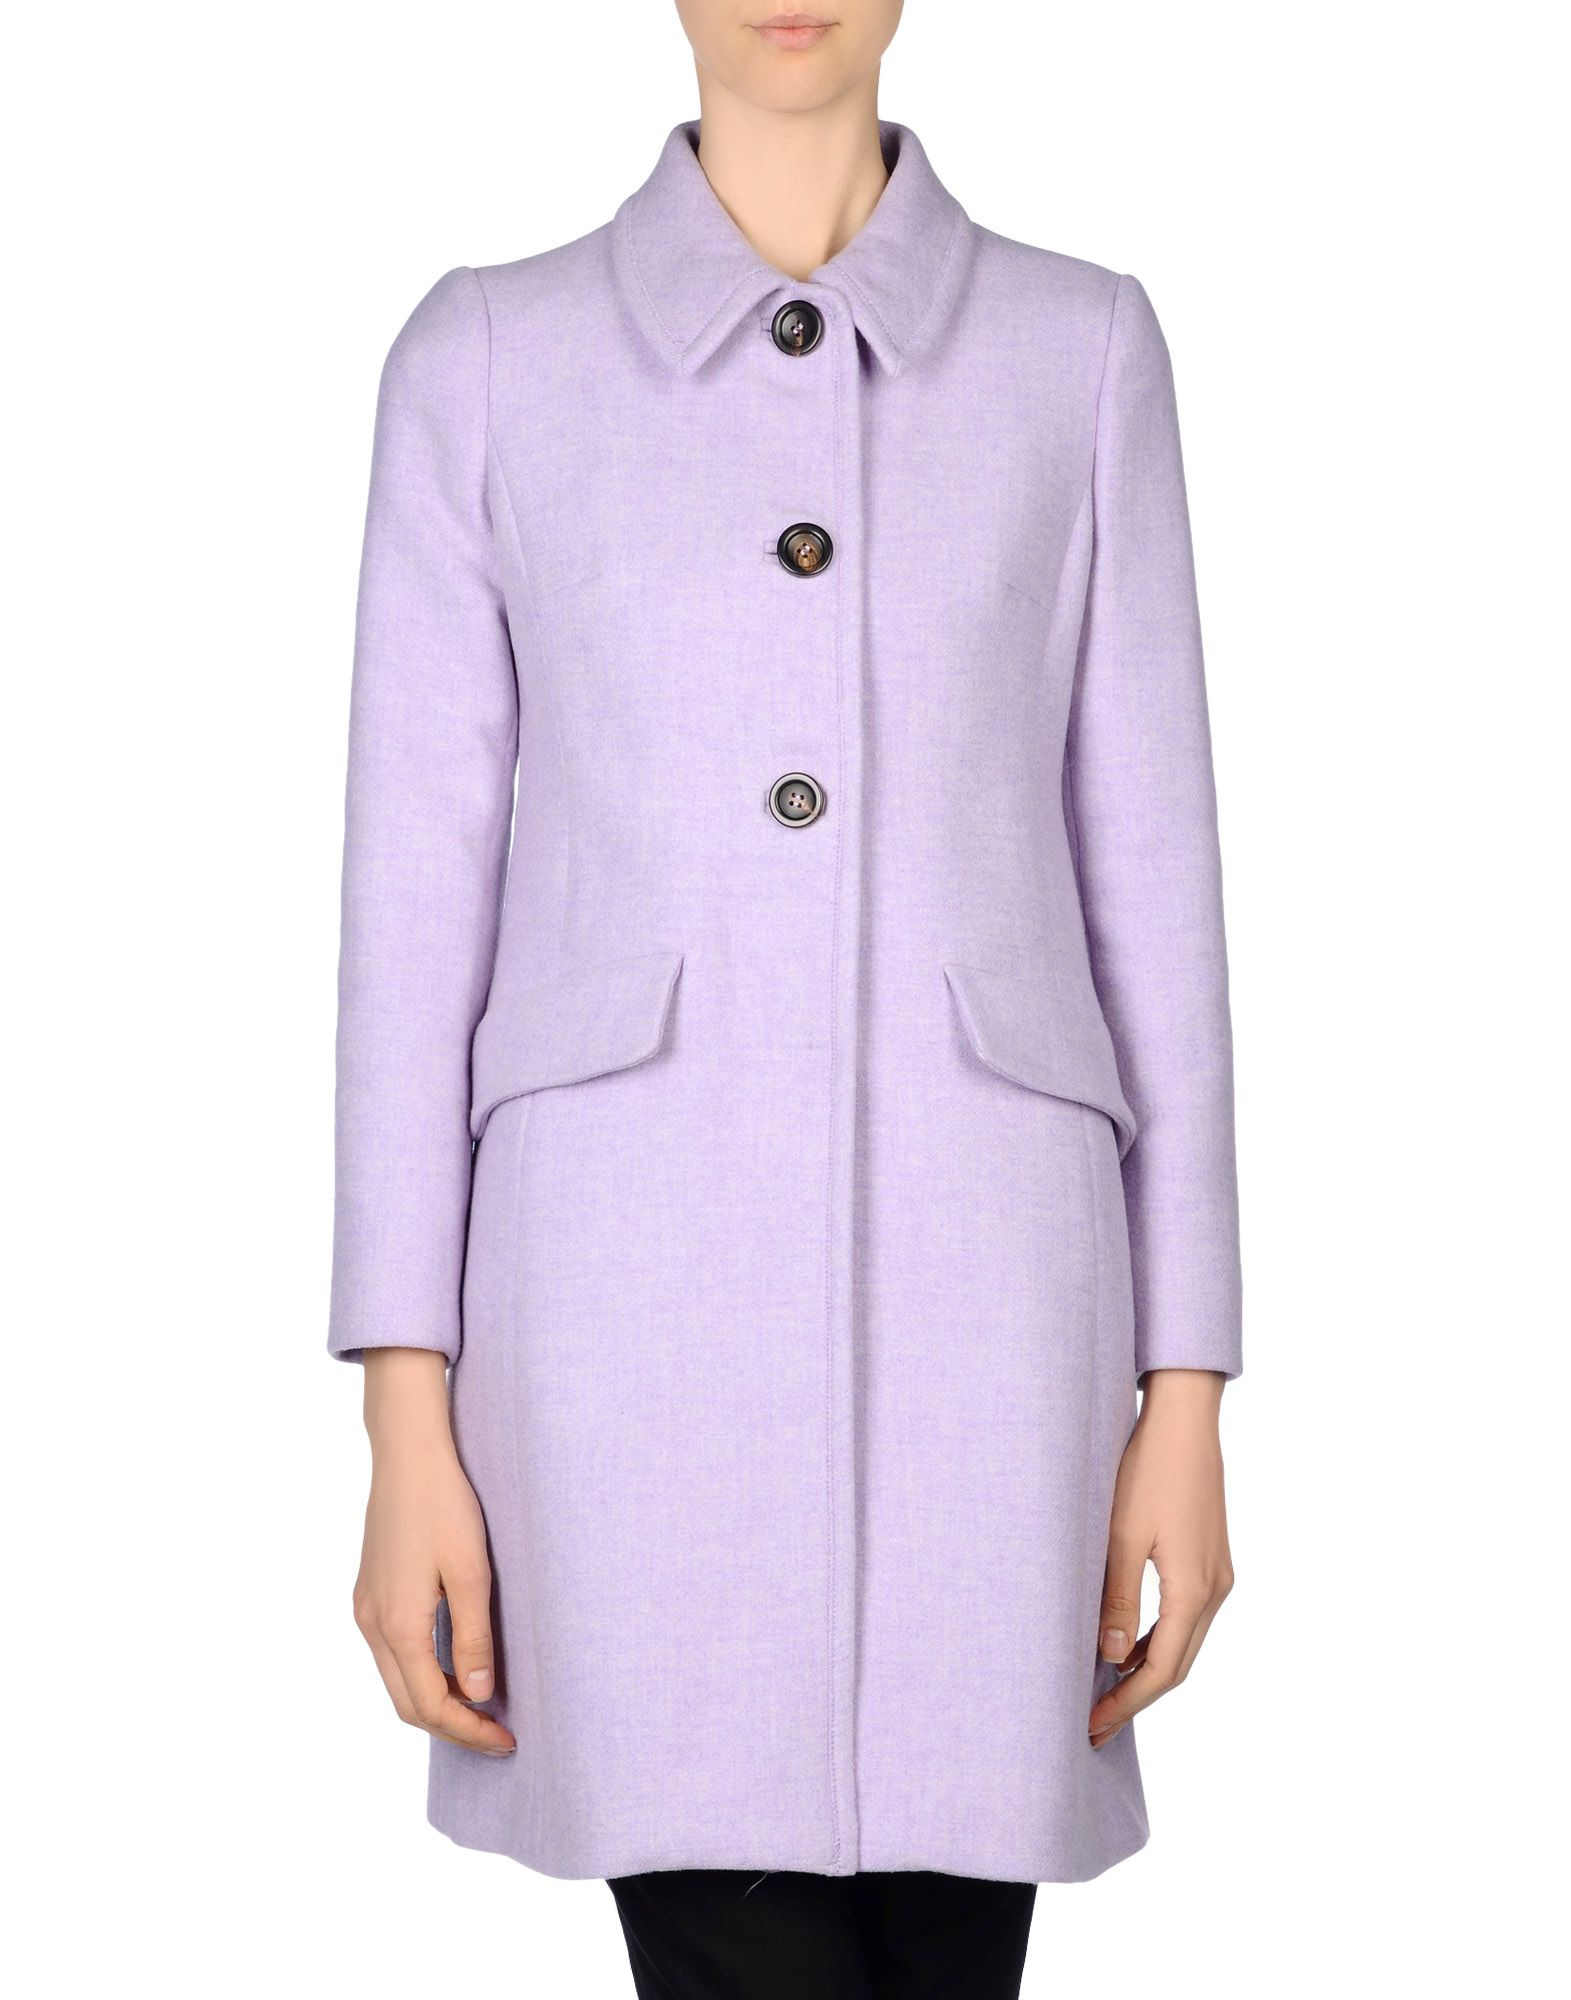 Miu miu Coat in Purple